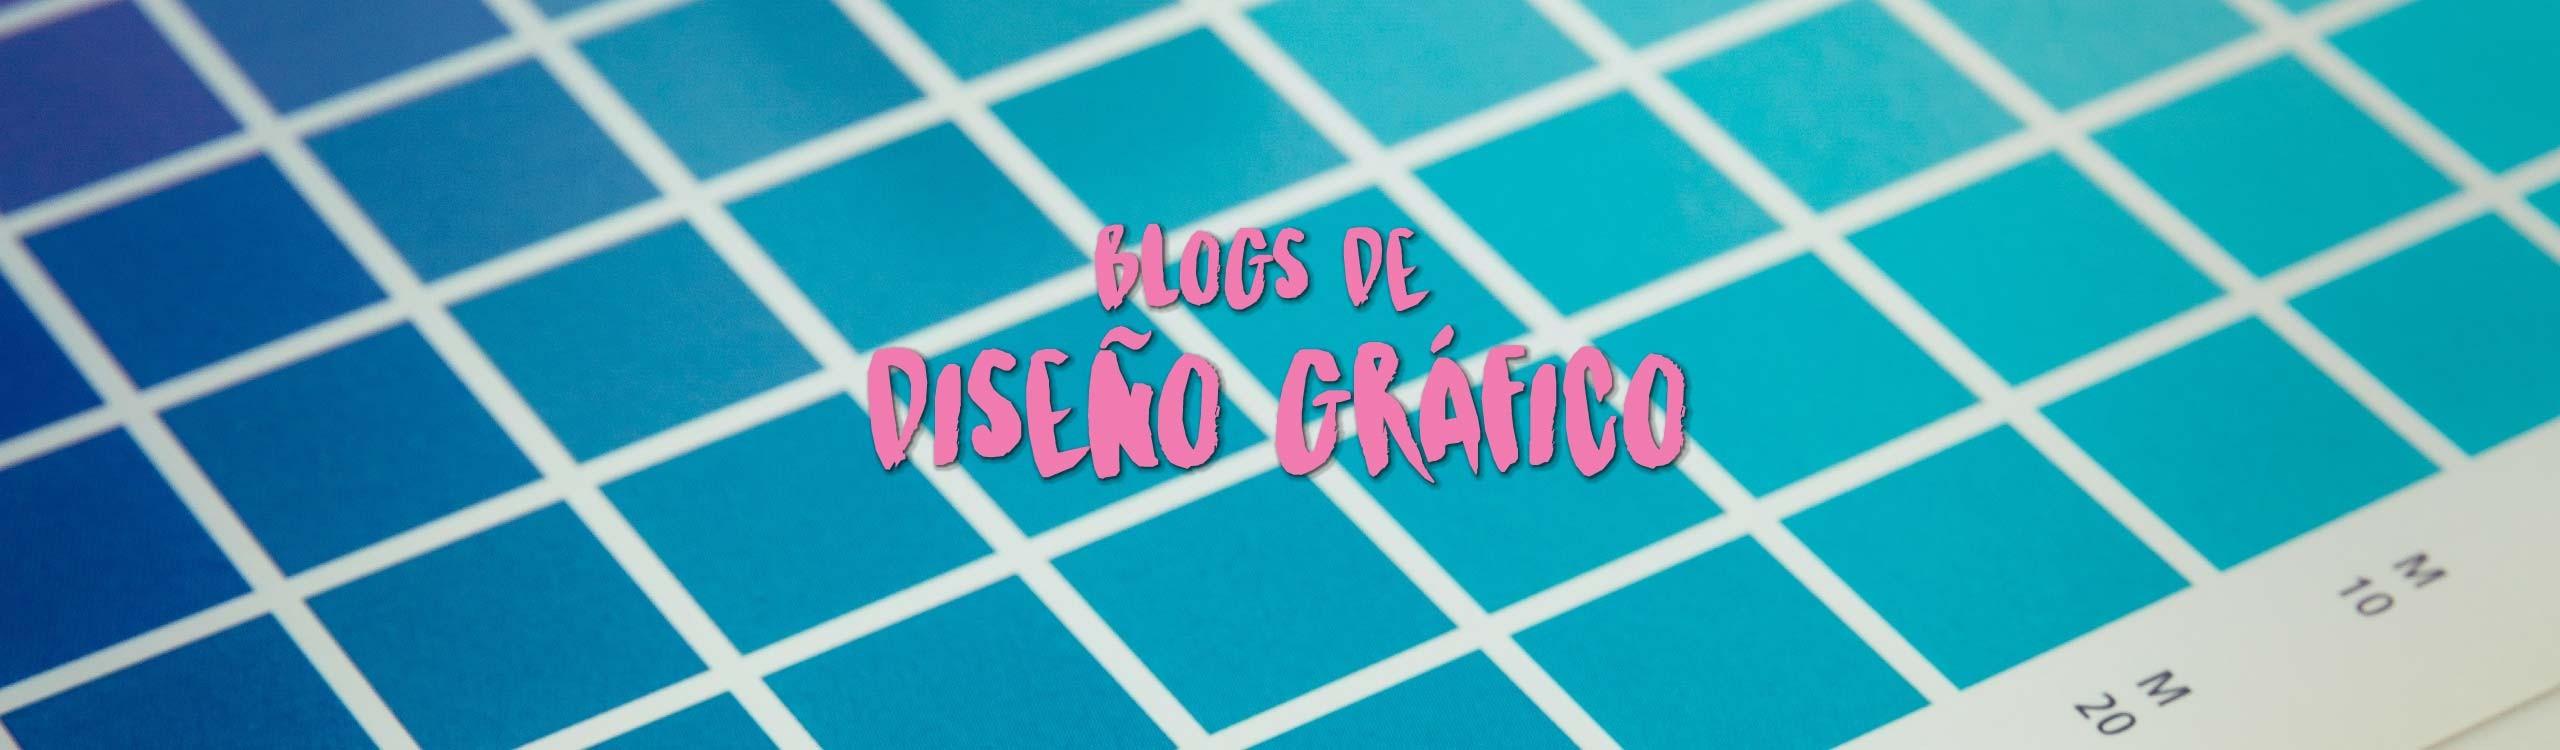 7 blogs de diseño gráfico en español que te van a gustar